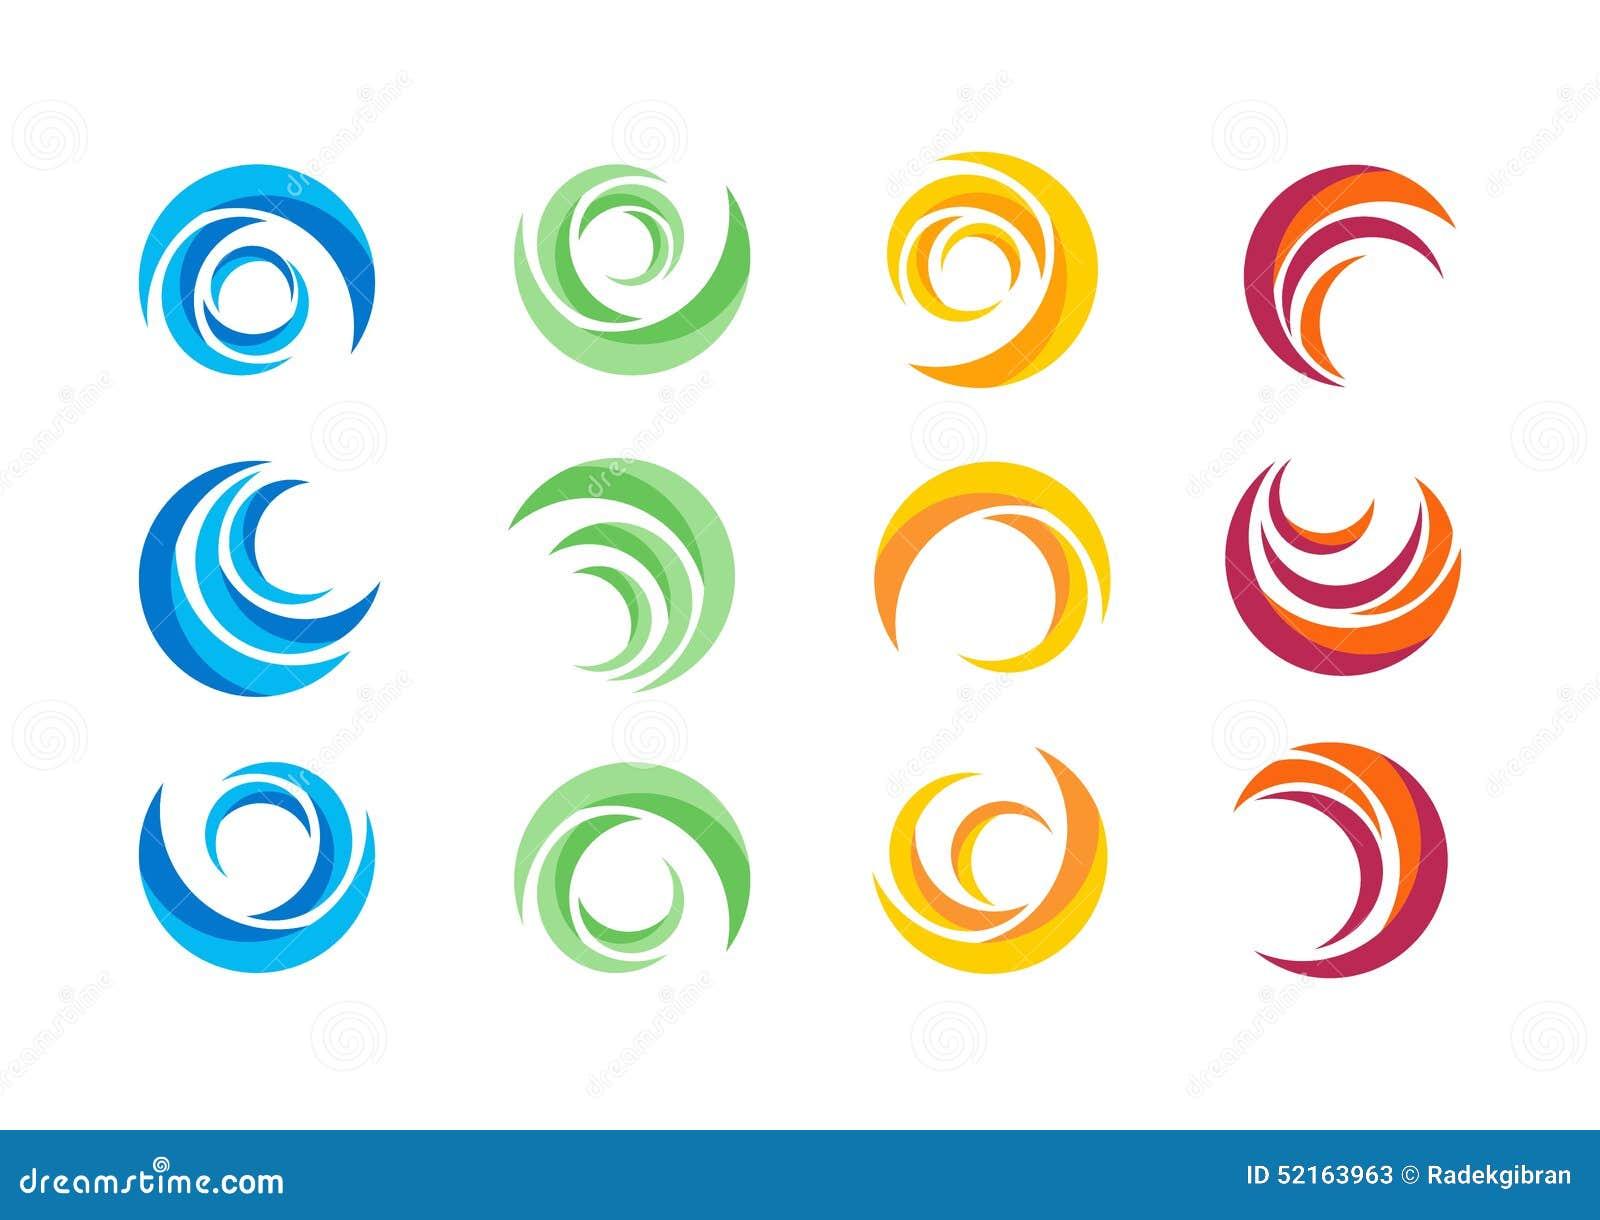 圈子,水,商标,风,球形,植物,叶子,翼,火焰,太阳,摘要,无限,套圆的象标志传染媒介设计